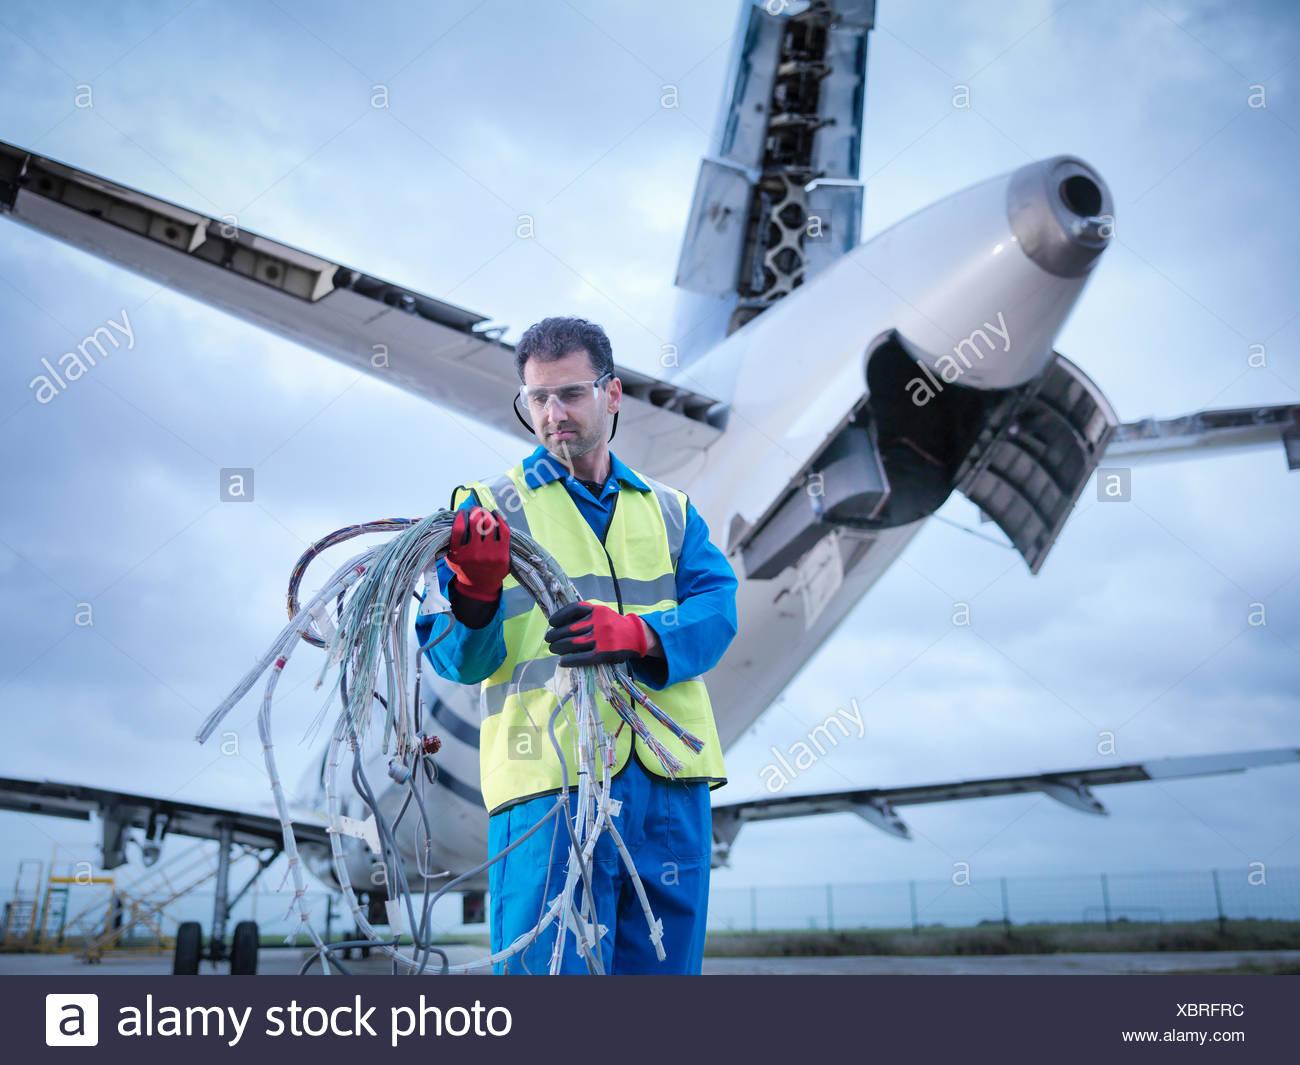 Ingenieur recycling Flugzeugteile auf der Piste Stockbild